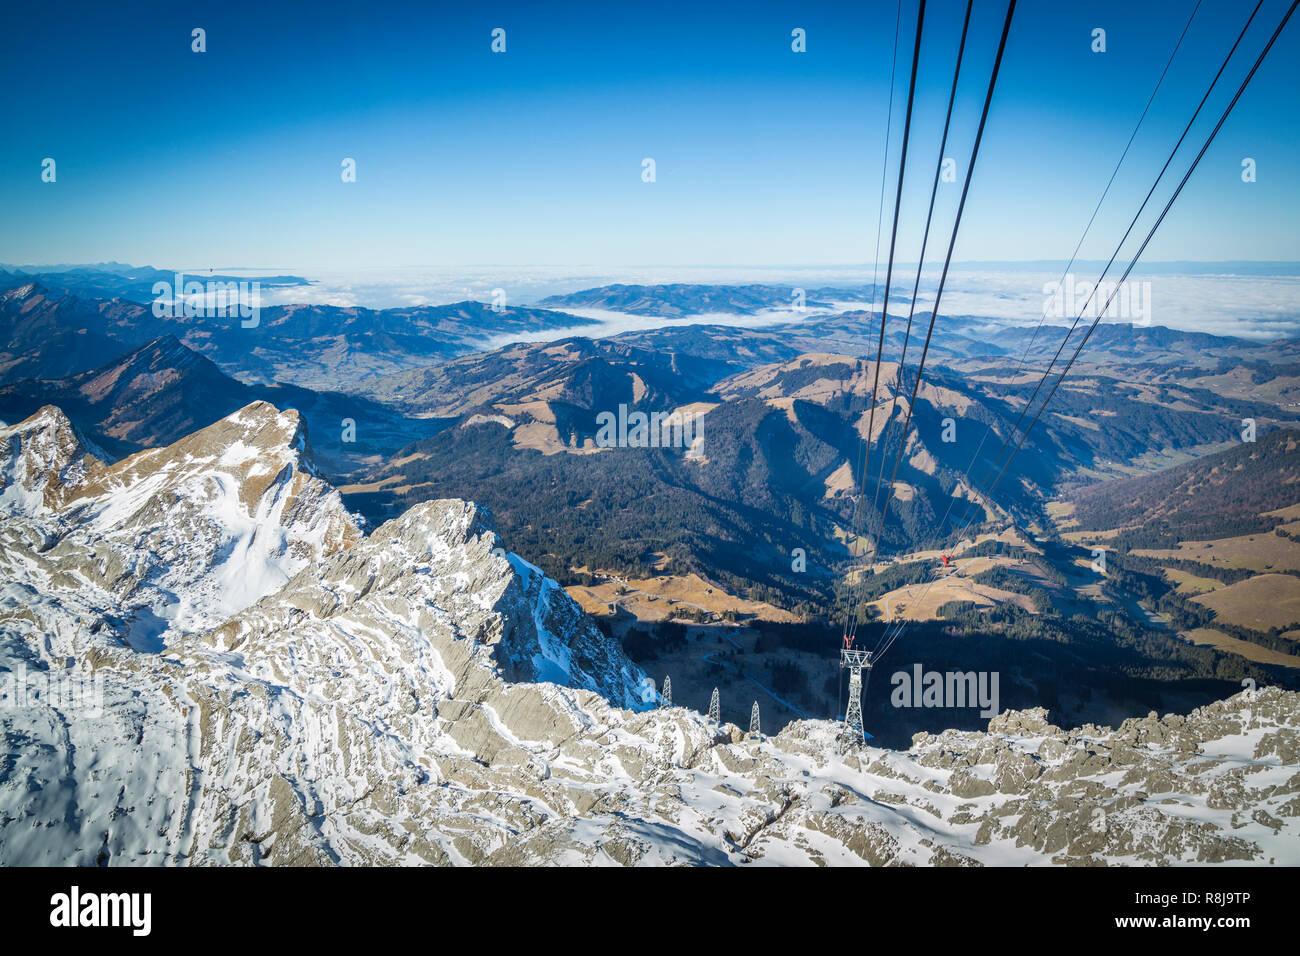 Mit der Seilbahn auf den Säntis der Schweizer Alpen Stockbild